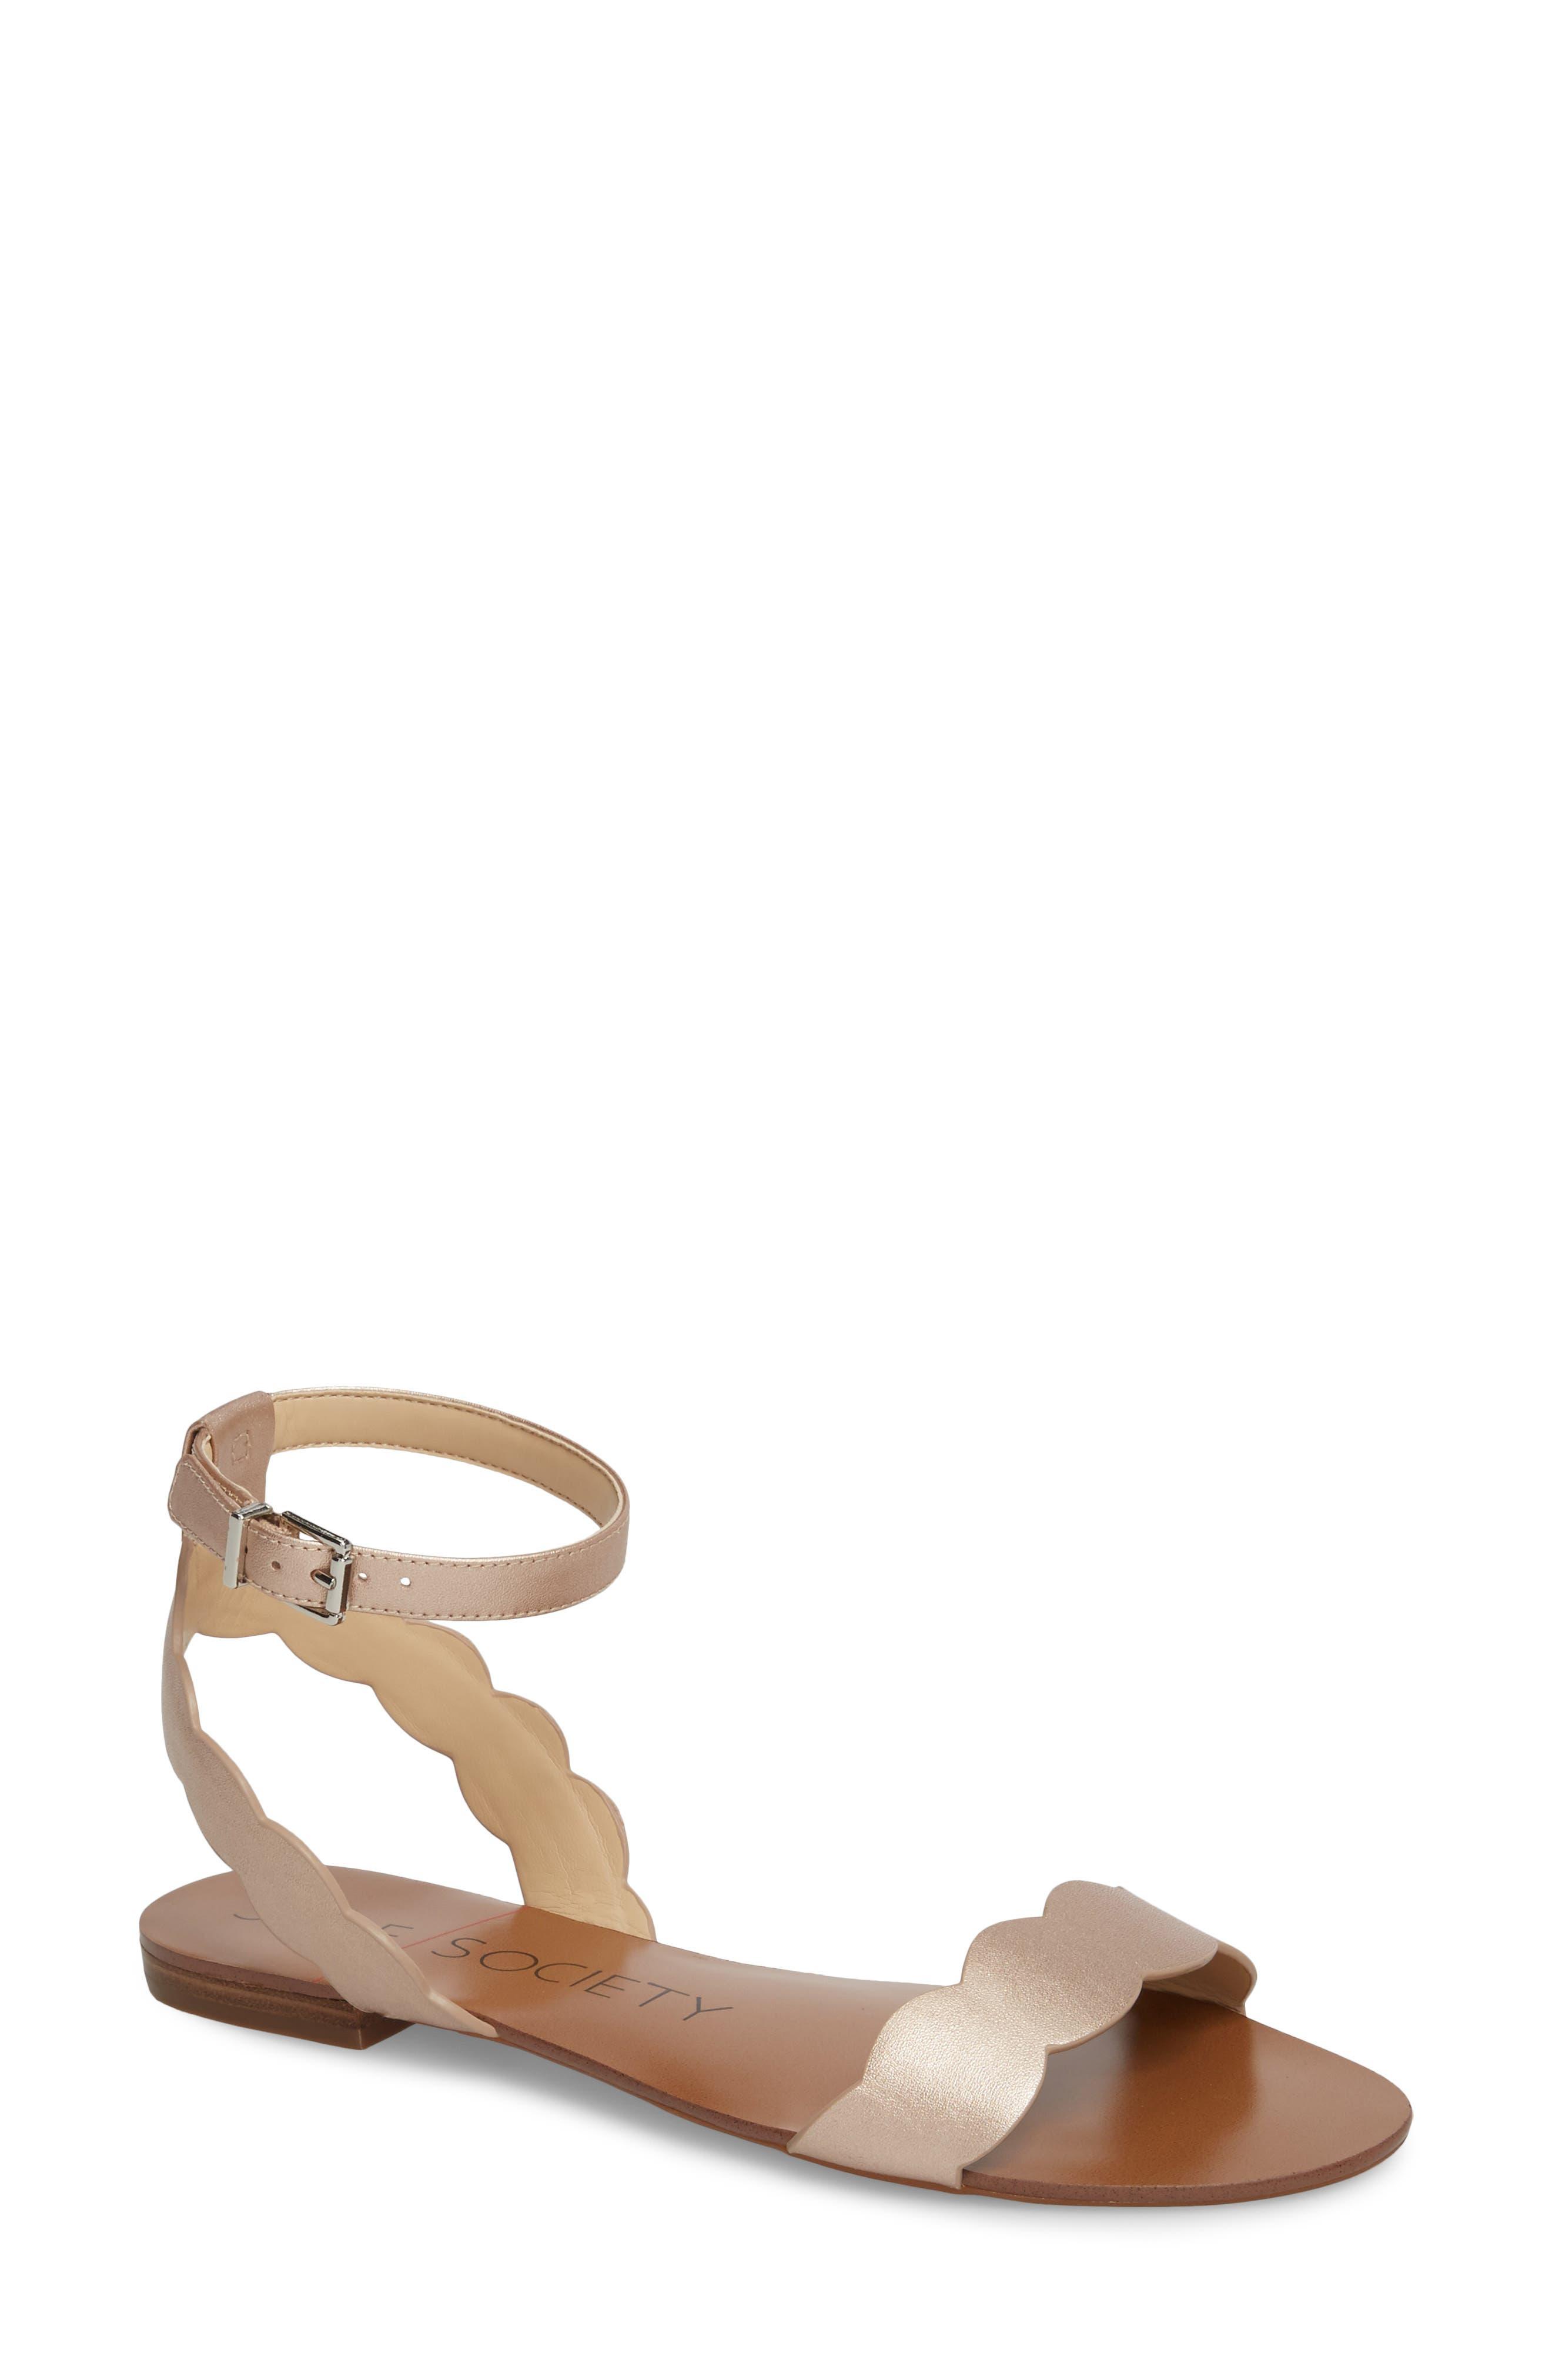 'Odette' Scalloped Ankle Strap Flat Sandal,                         Main,                         color,